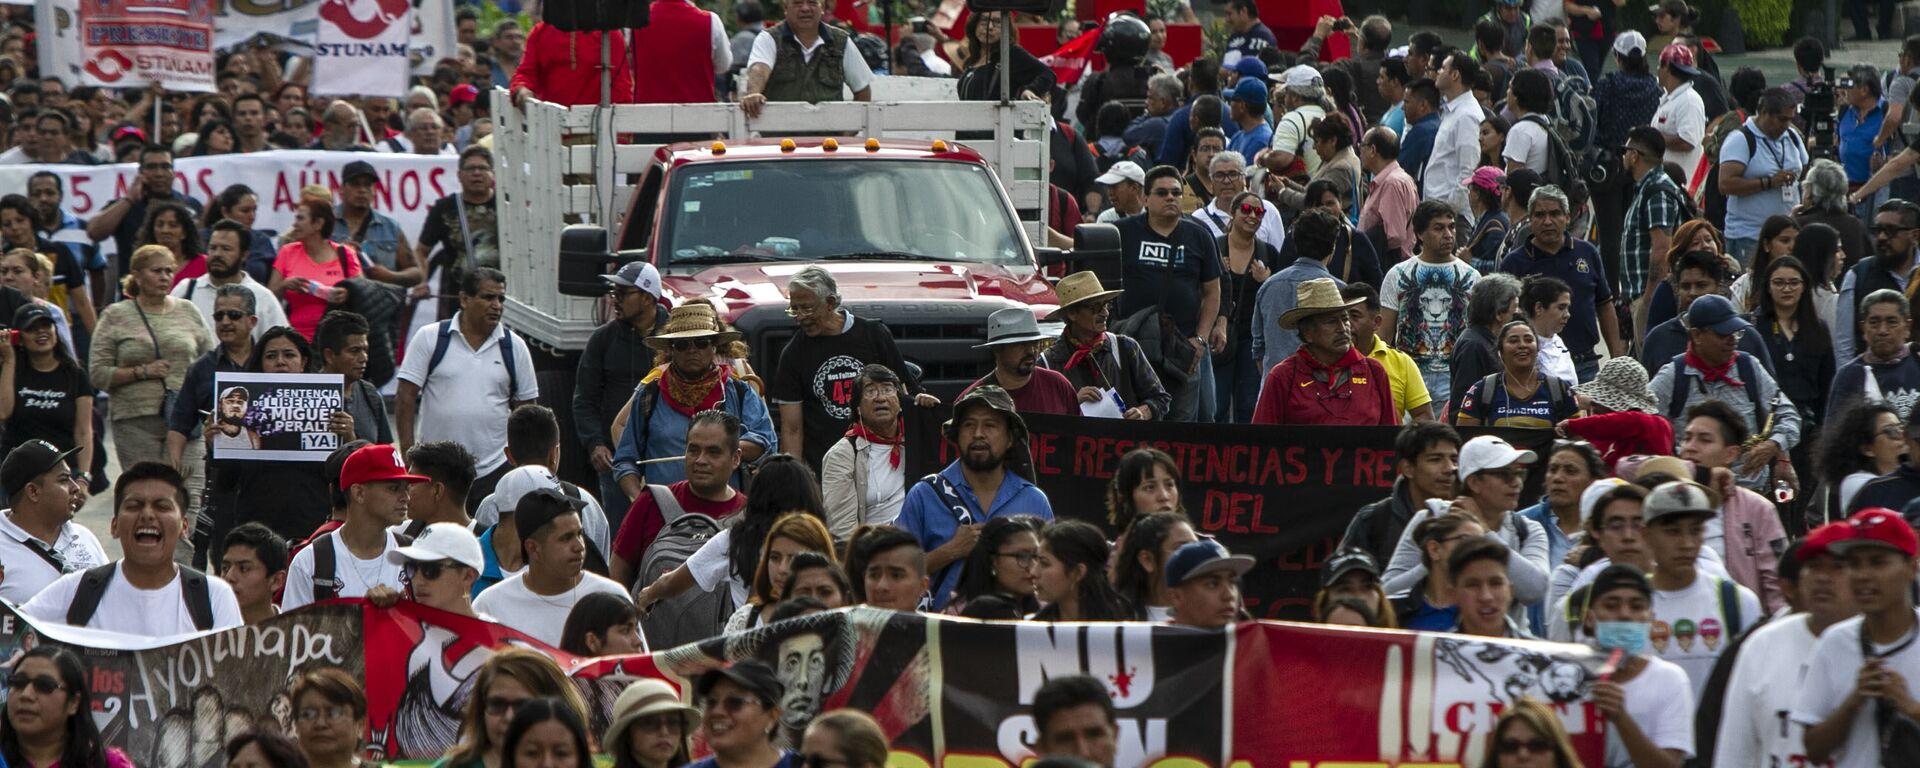 Asistentes a la manifestación en ciudad de México por los cinco años de la desaparición forzada de los 43 estudiantes de la normal rural de Ayotzinapa en el anti-monumento que recuerdo este crimen.  - Sputnik Mundo, 1920, 02.07.2020